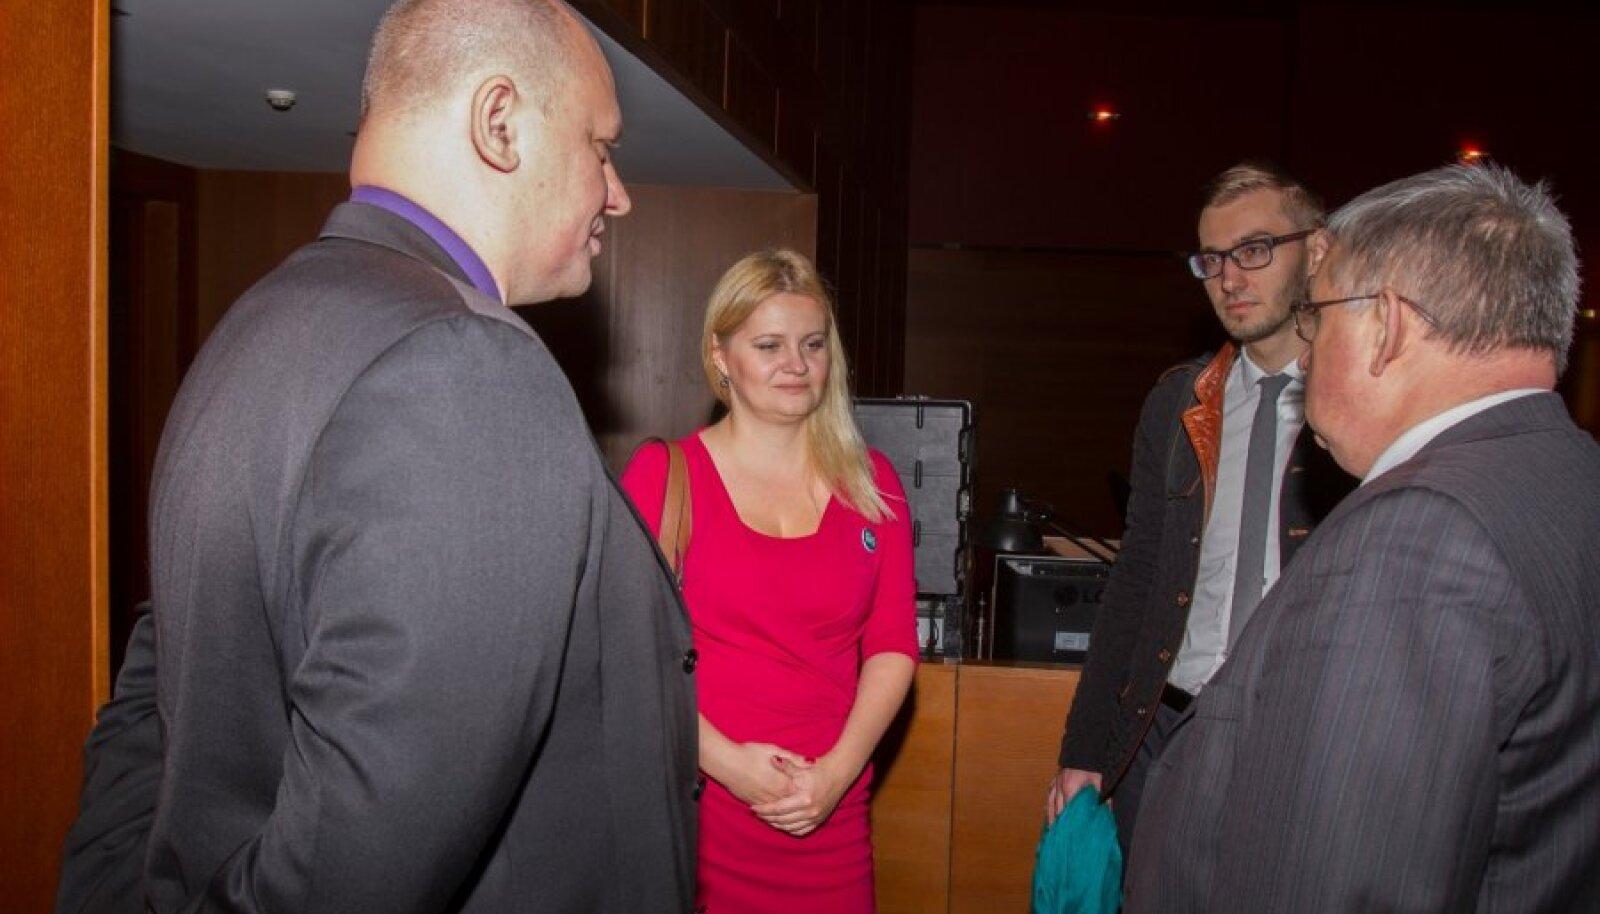 MTÜ Vene kool Eestis aastakonverents 2014